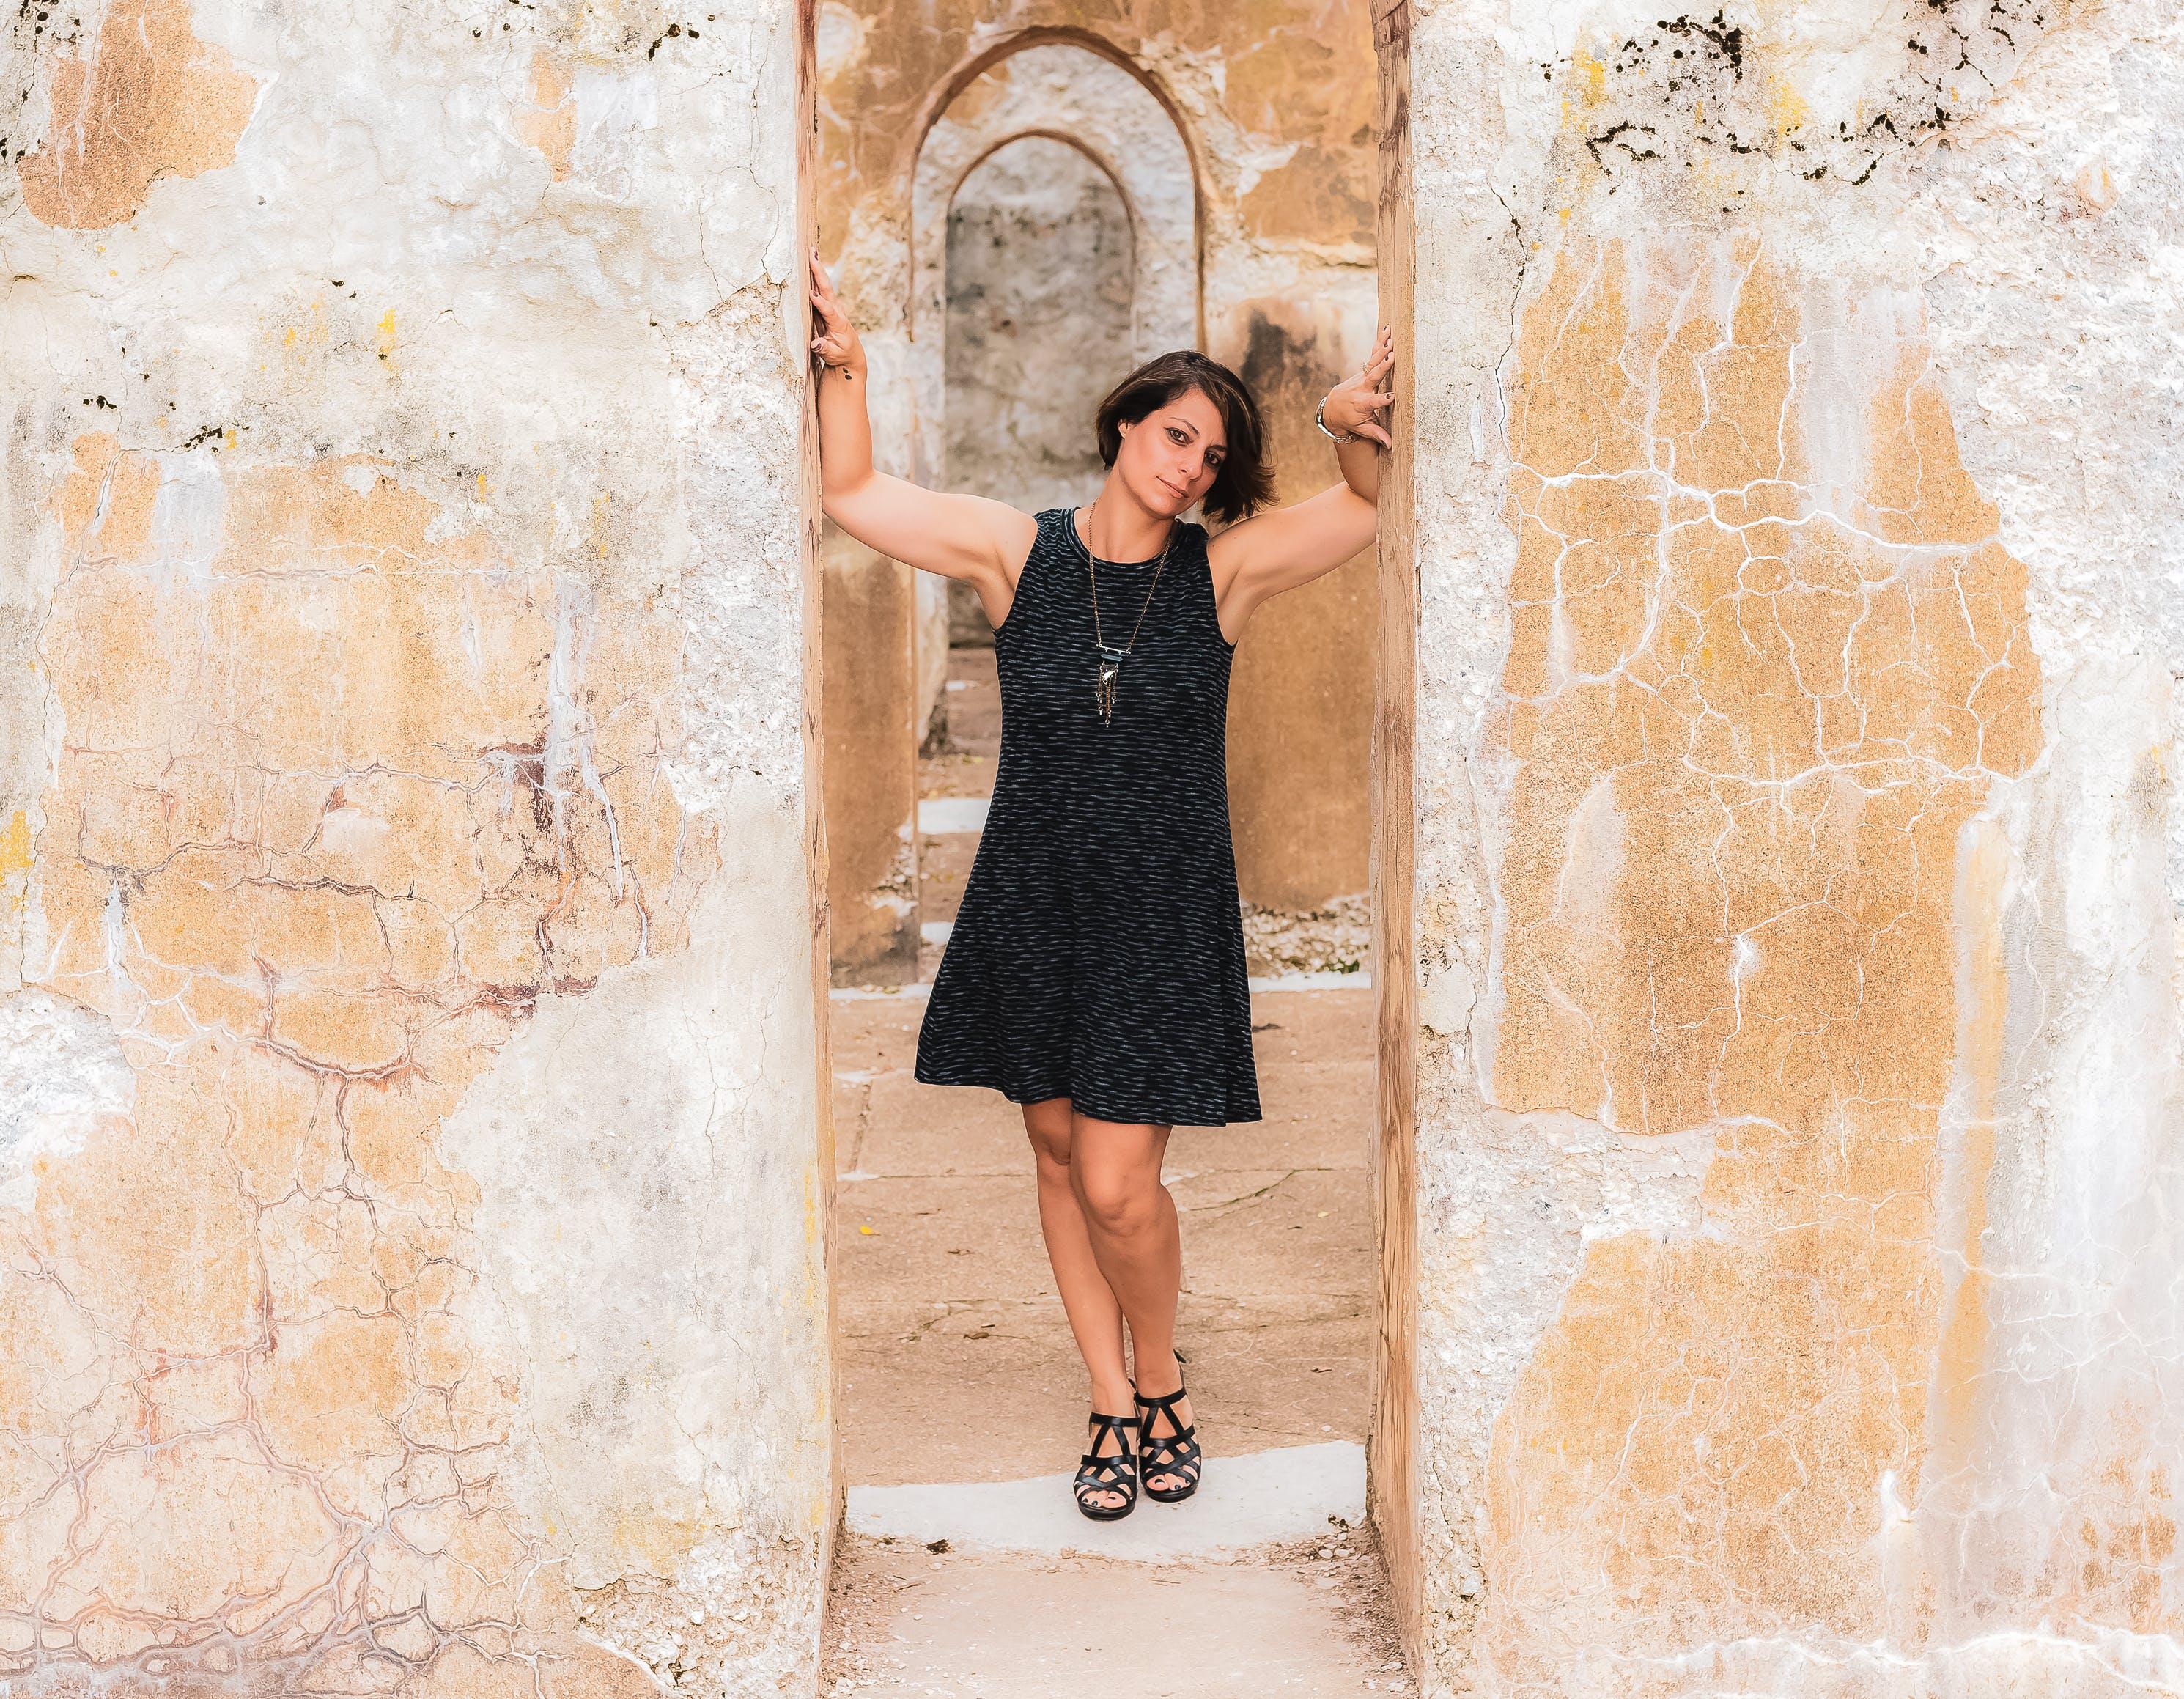 Kostenloses Stock Foto zu architektur, fashion, frau, gebäude